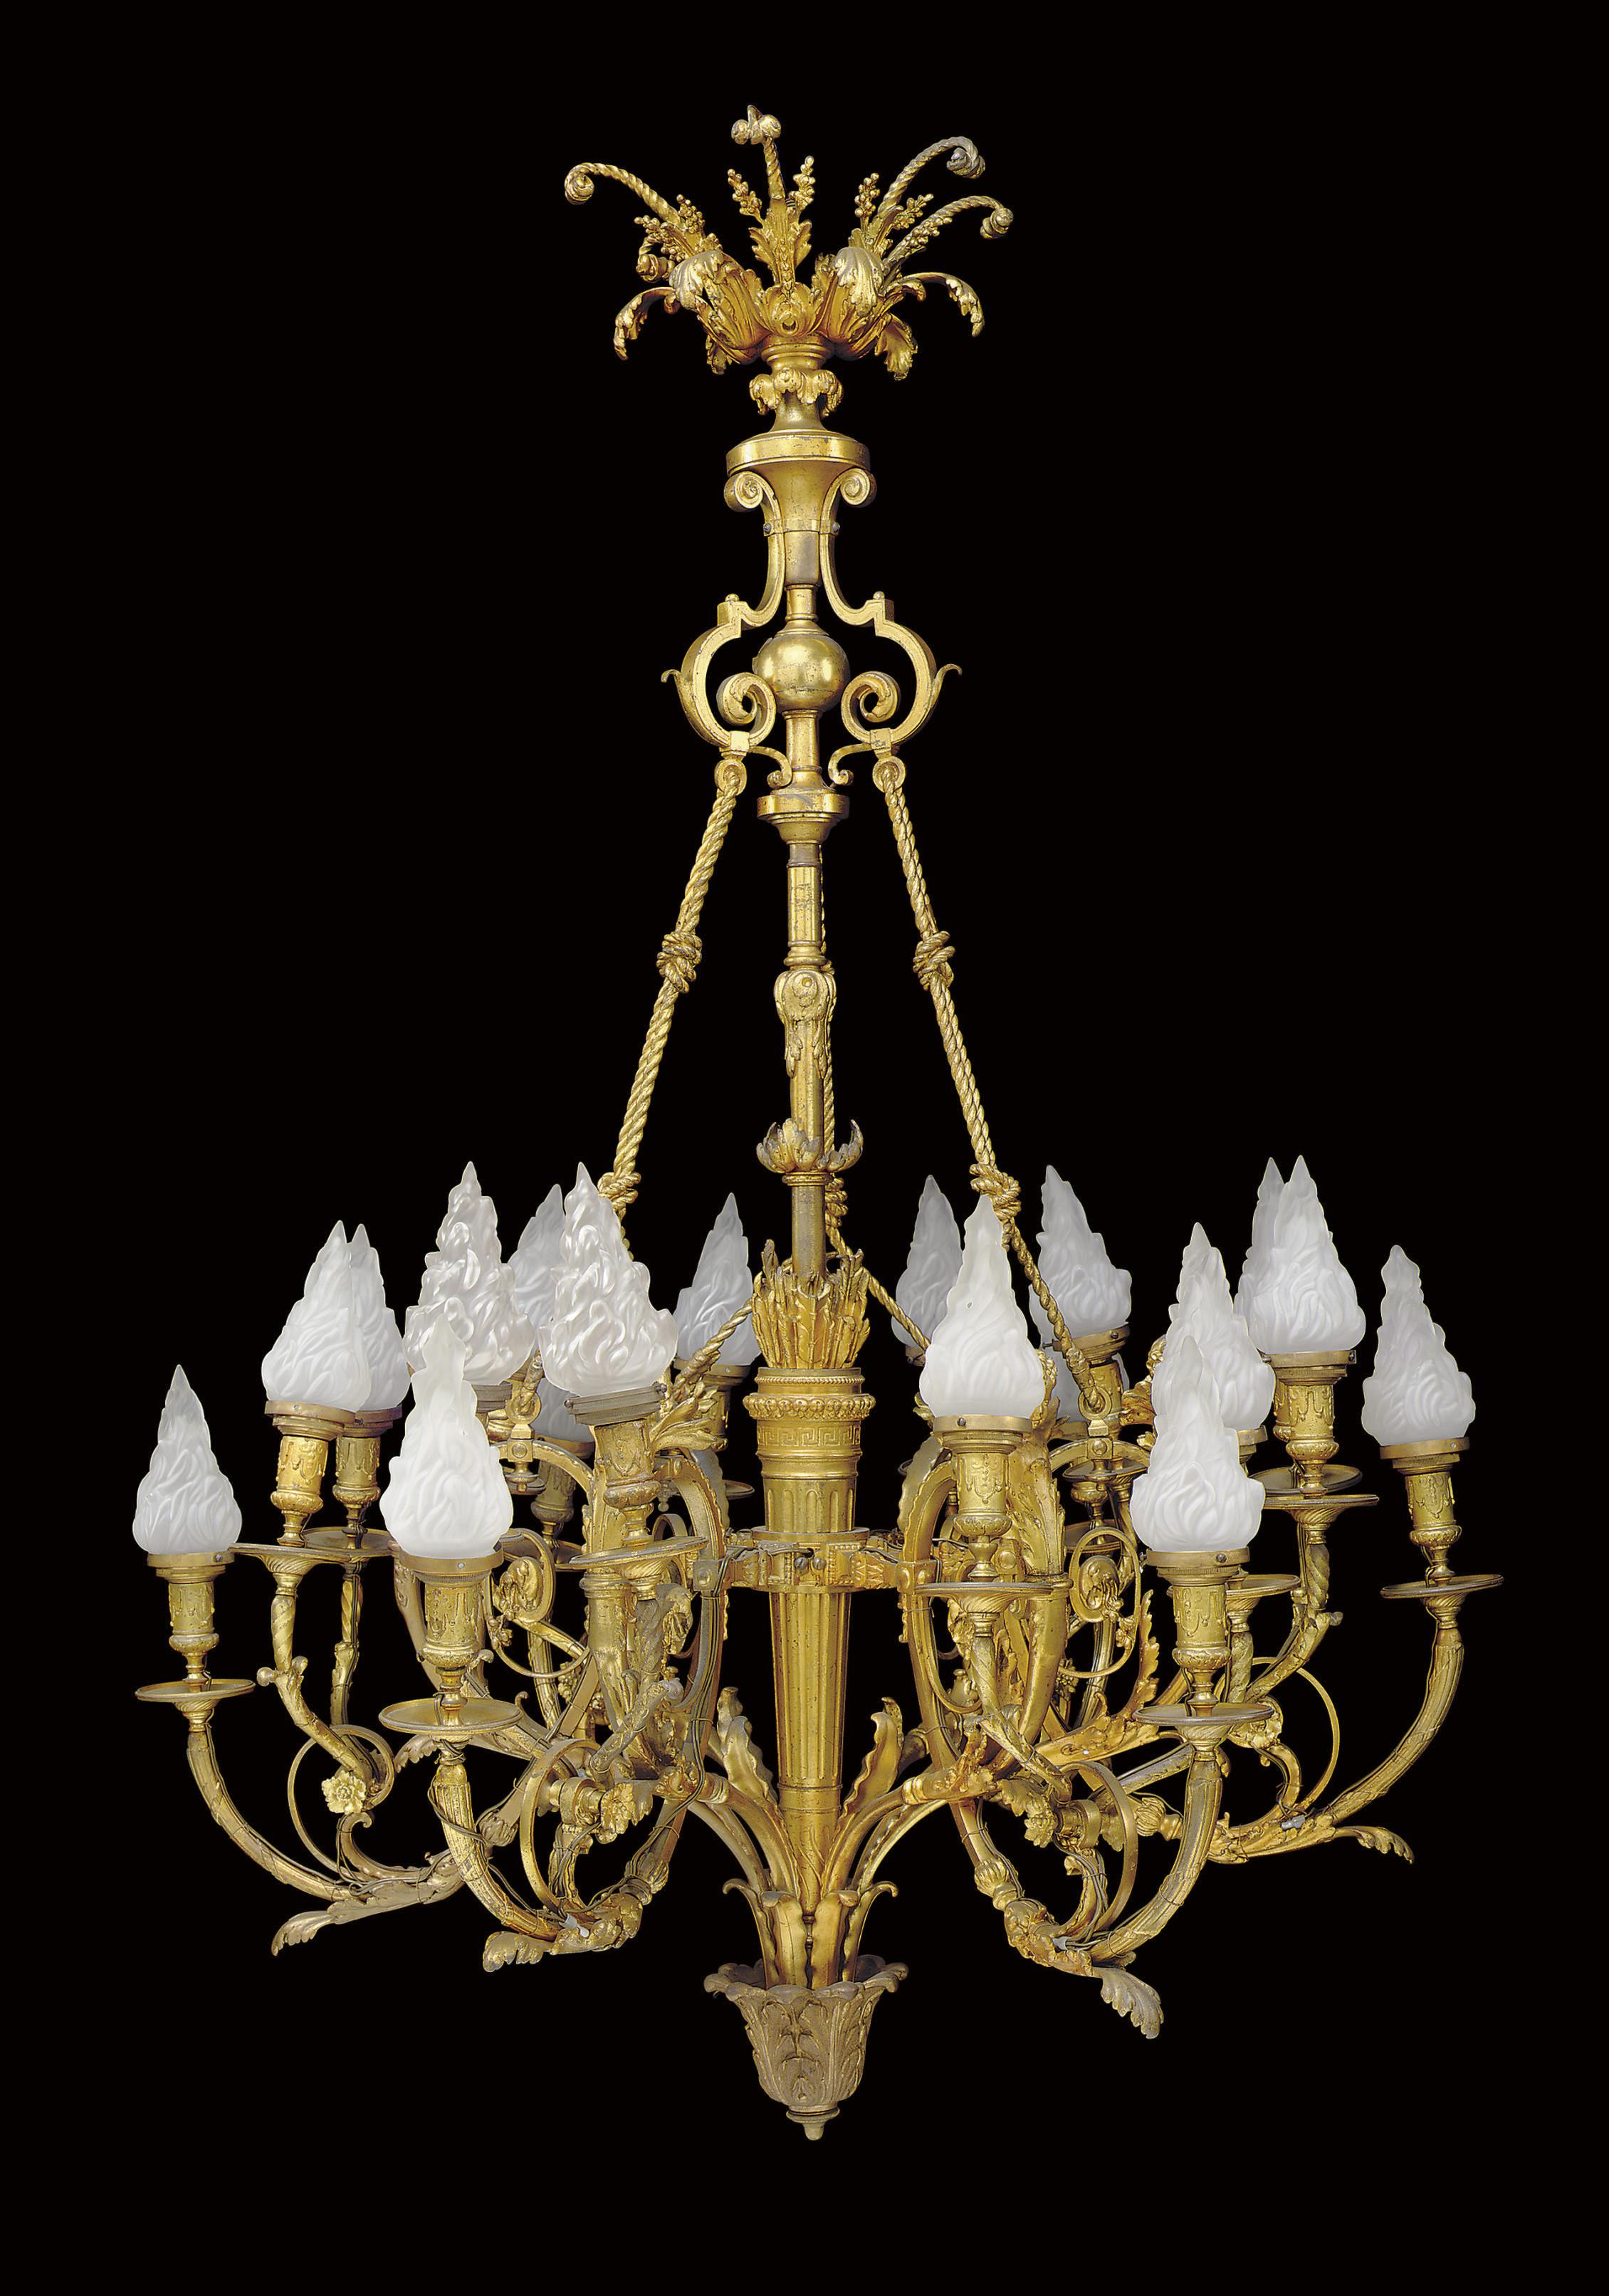 A FRENCH ORMOLU EIGHTEEN-LIGHT